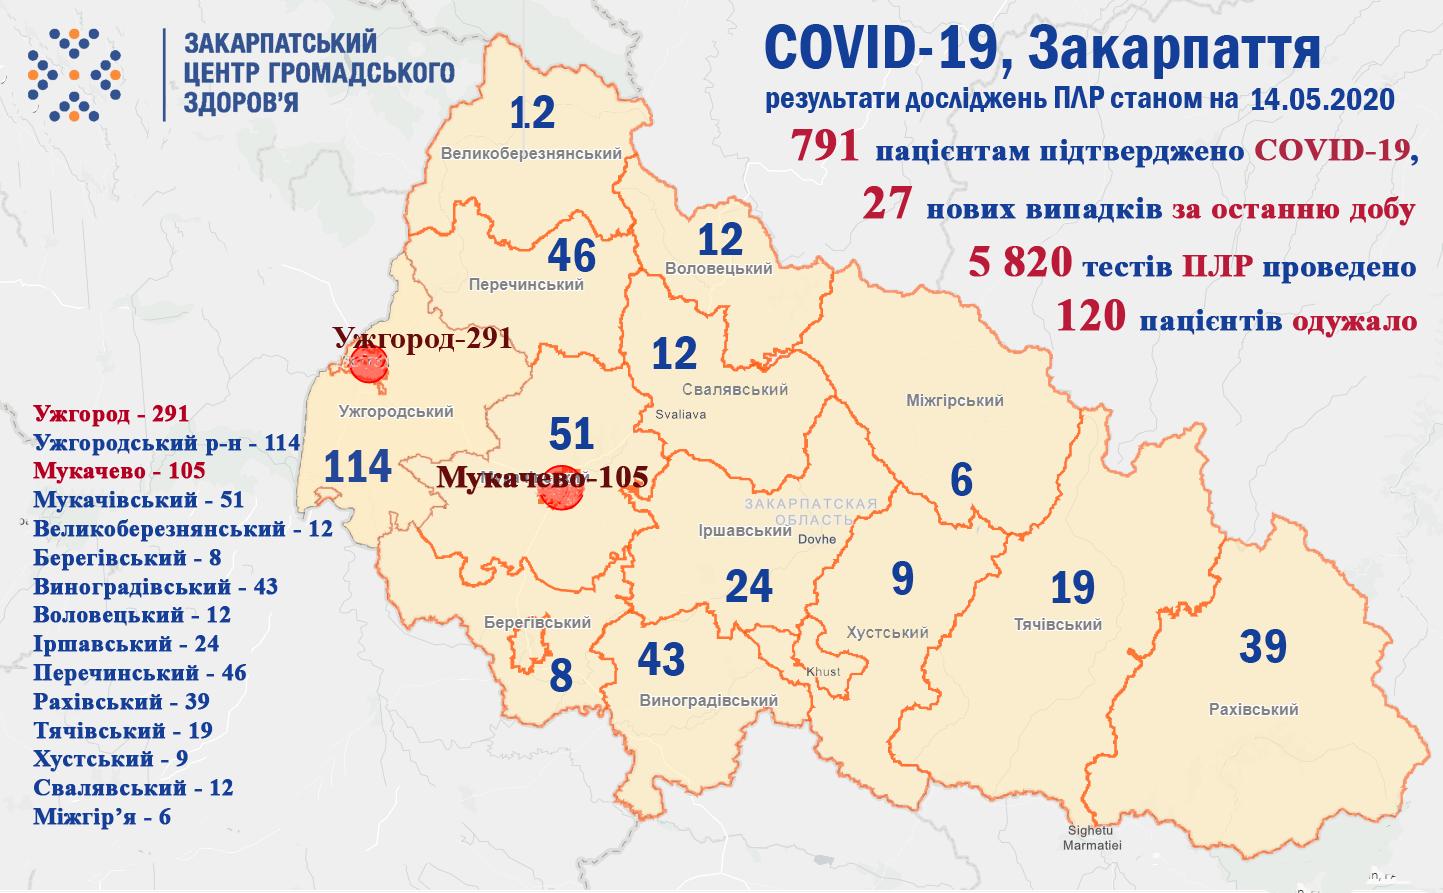 Кількість хворих на COVID-19 у Закарпатті наближається до 800